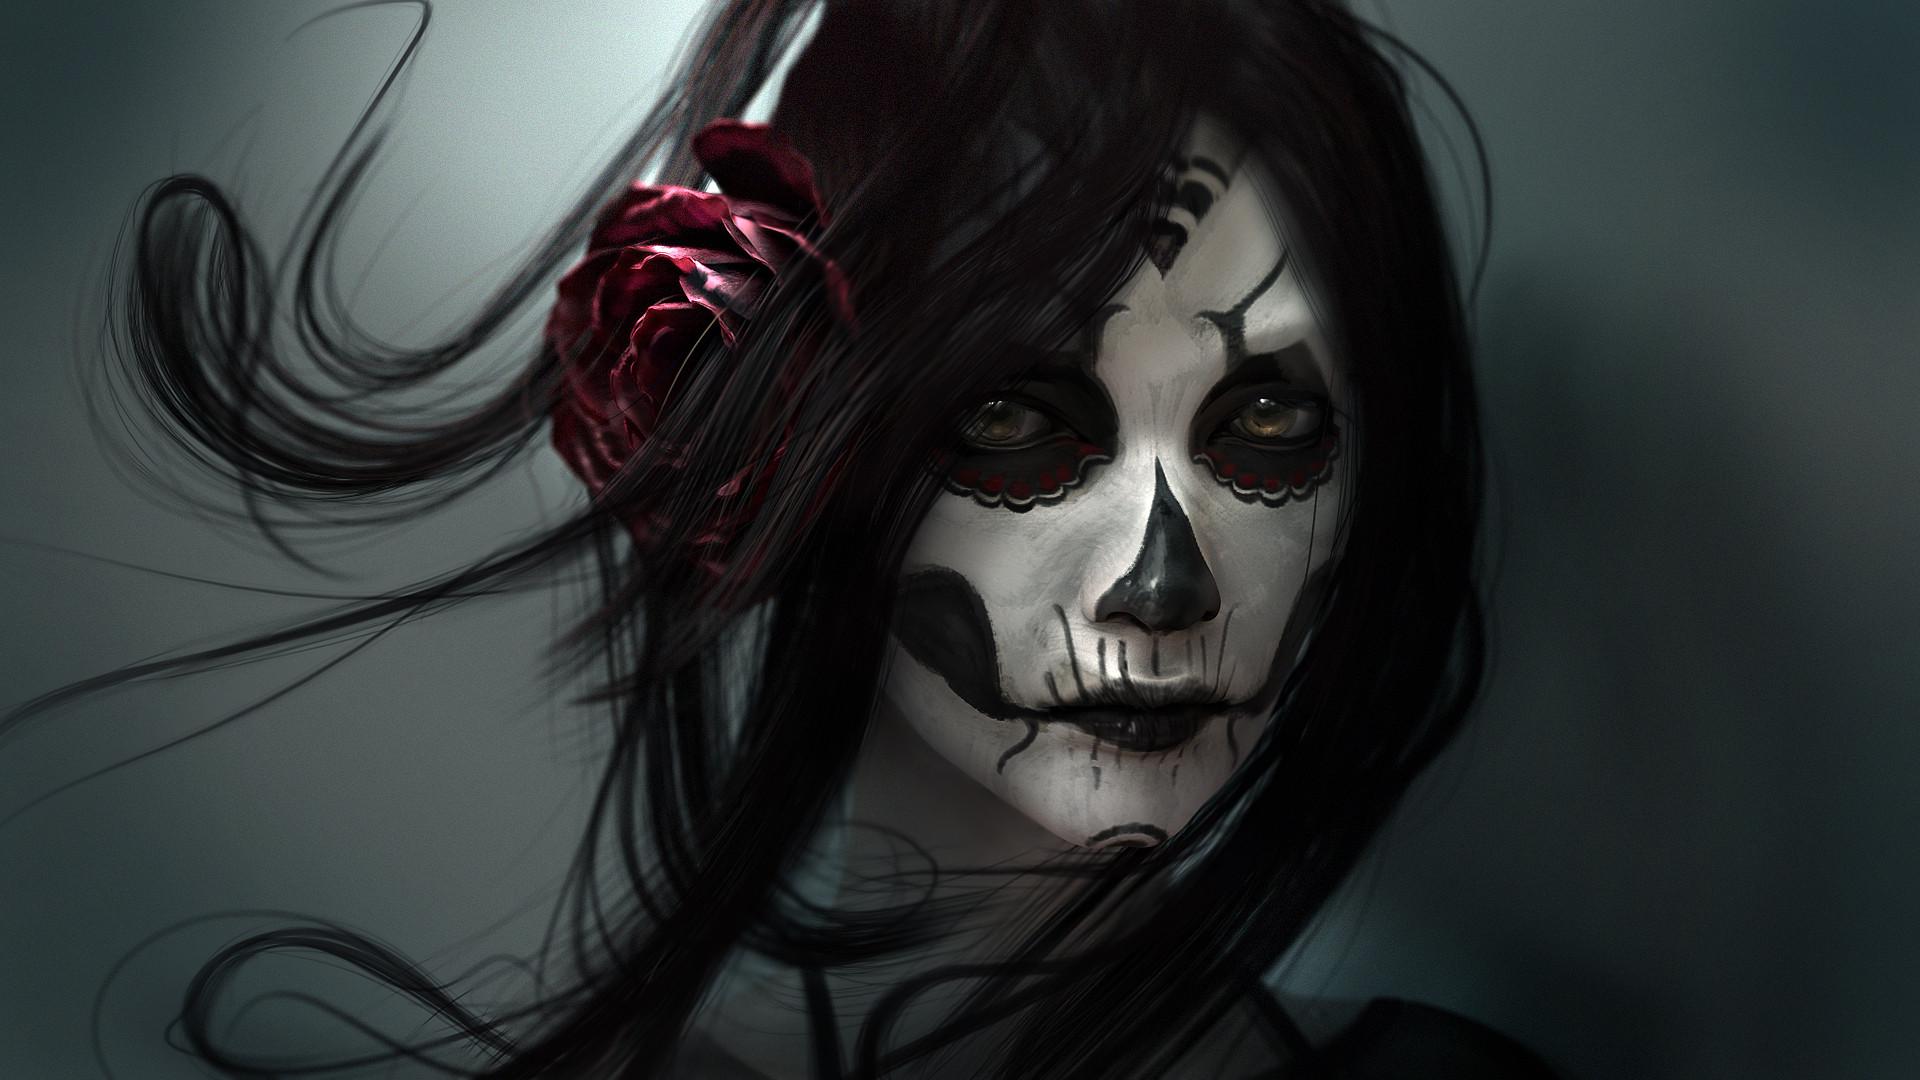 edffafceefeed-sugar-skull-face-sugar-skulls-wallpaper-wpc5804507